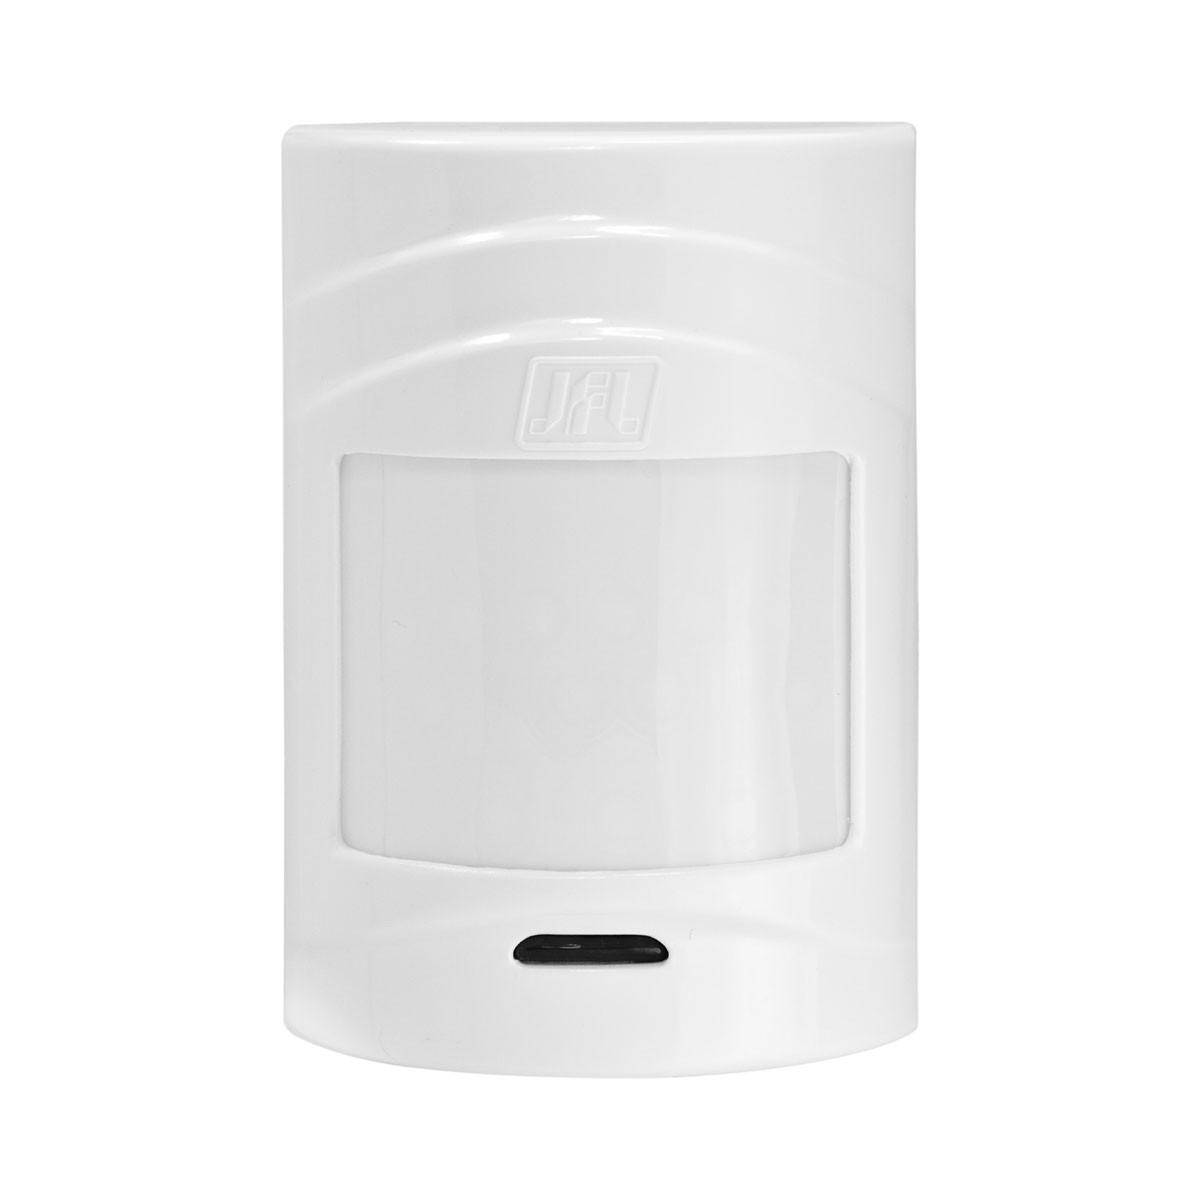 Kit Alarme Monitorado Por Celular Via App SmartCloud 18 Jfl